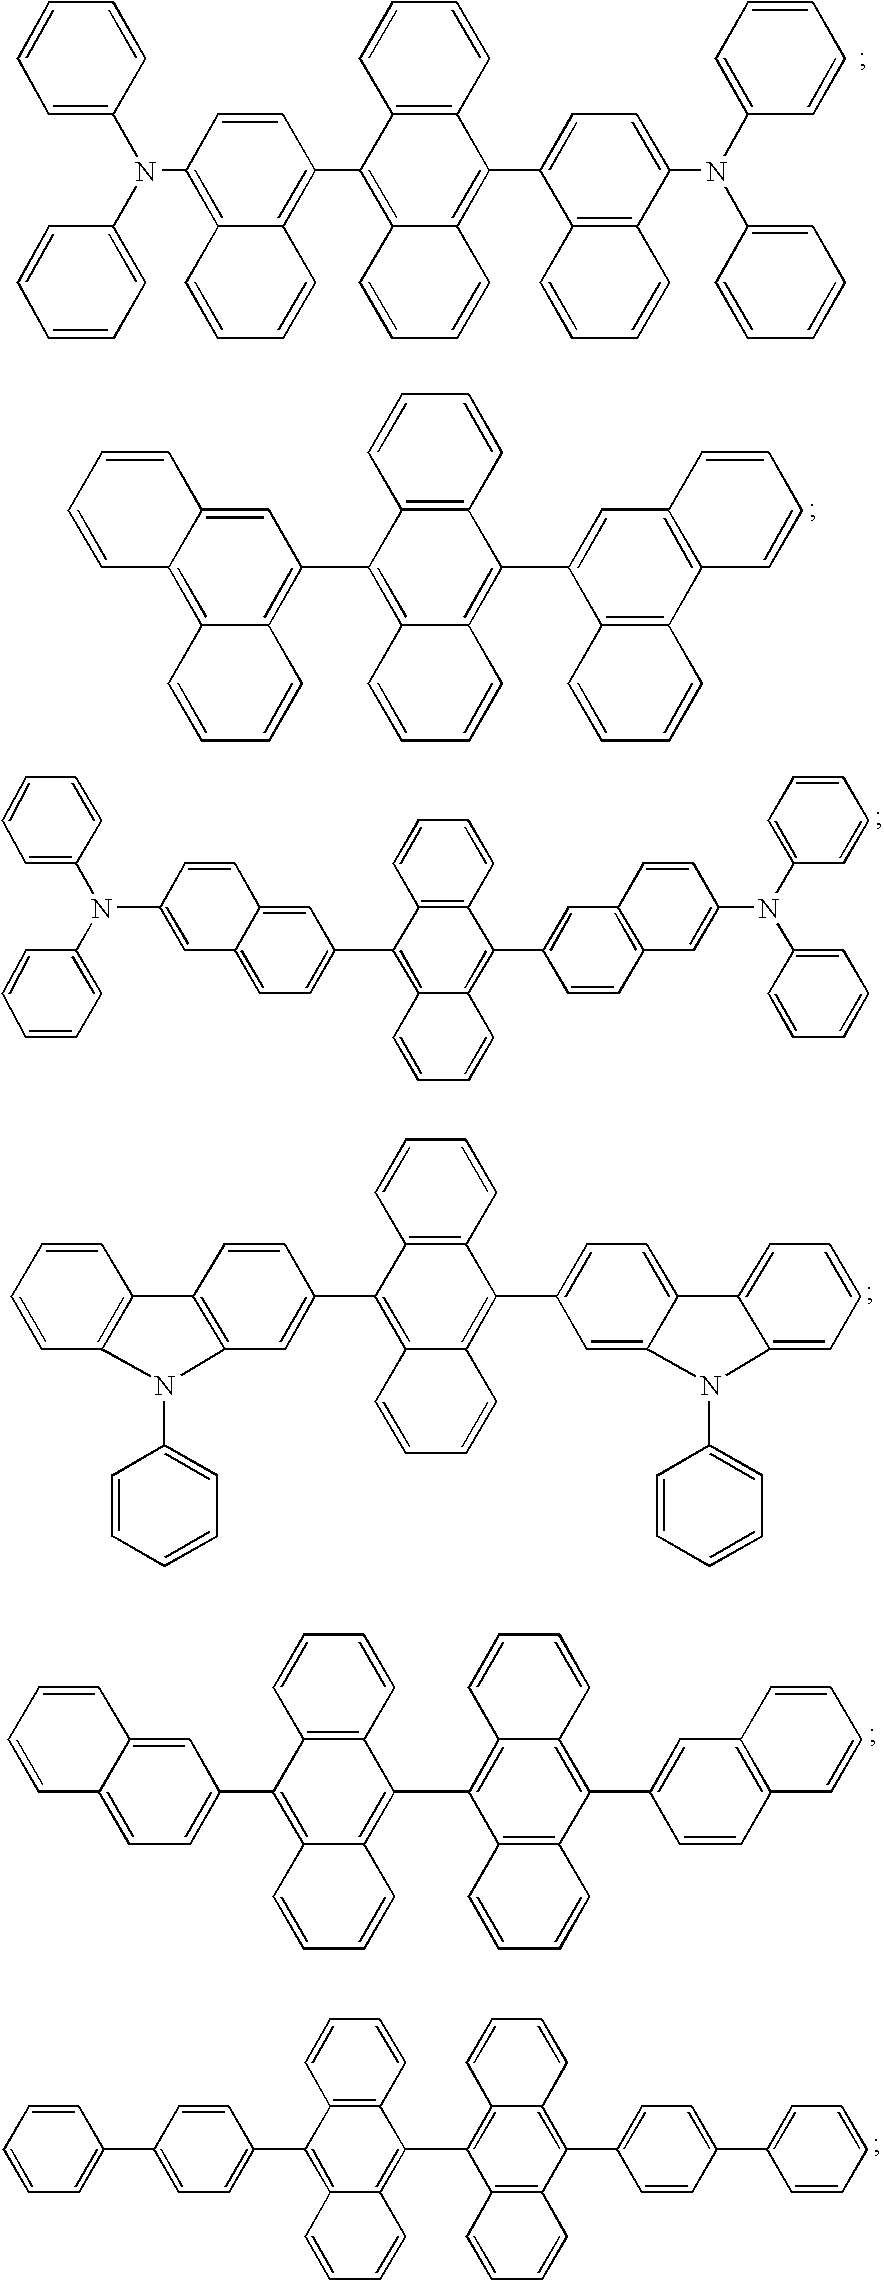 Figure US07132140-20061107-C00009